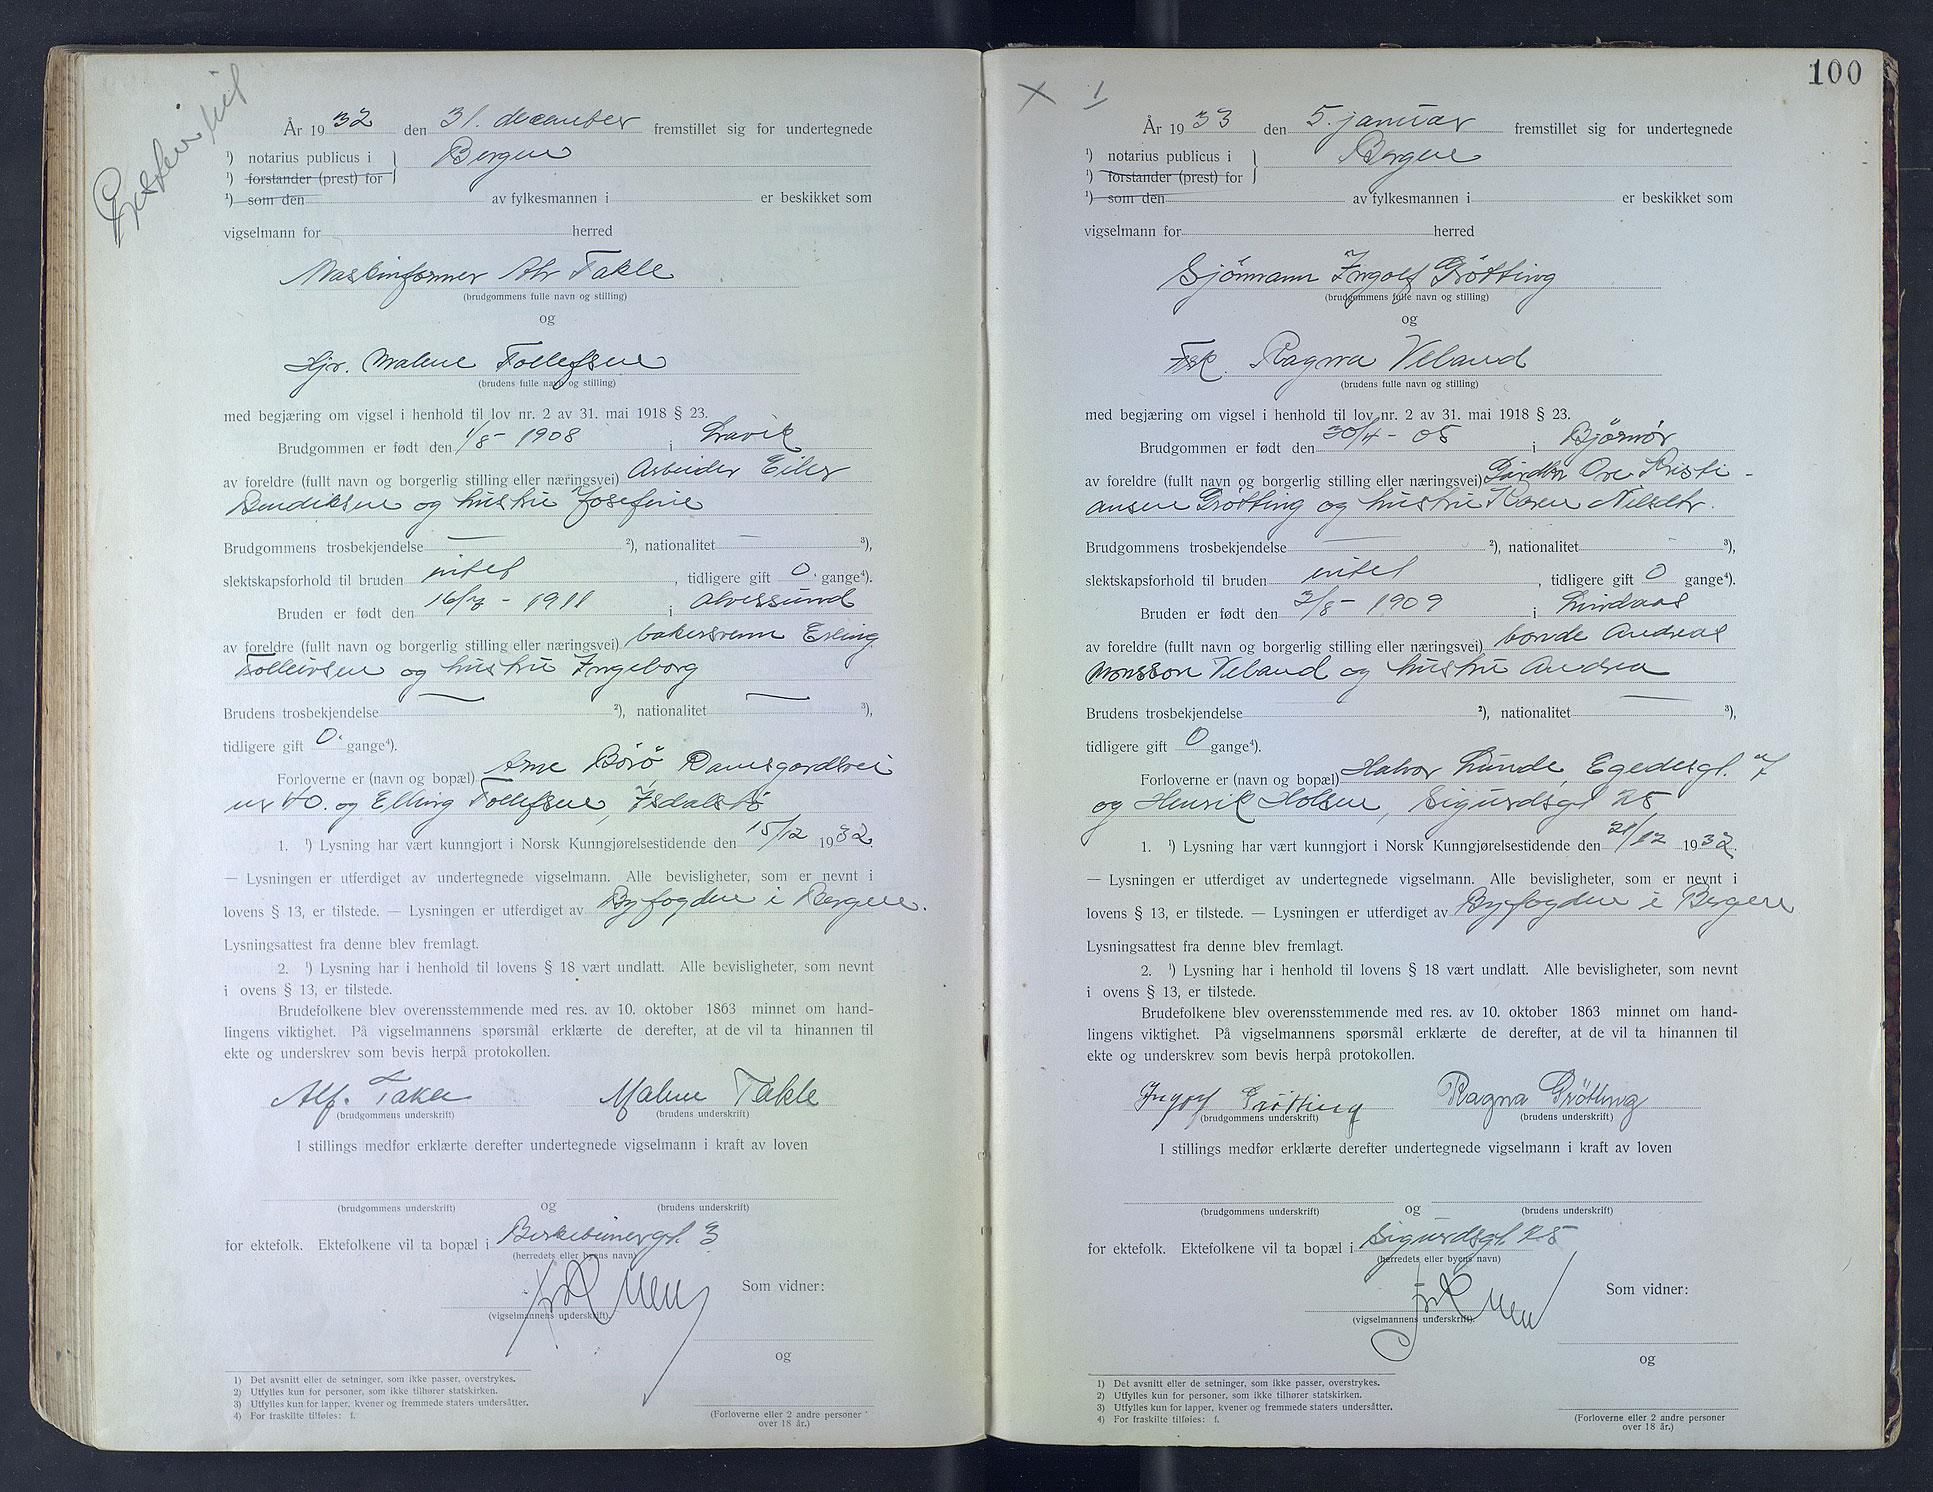 SAB, Byfogd og Byskriver i Bergen, 10/10F/L0006: Vielsesprotokoller, 1931-1933, s. 100